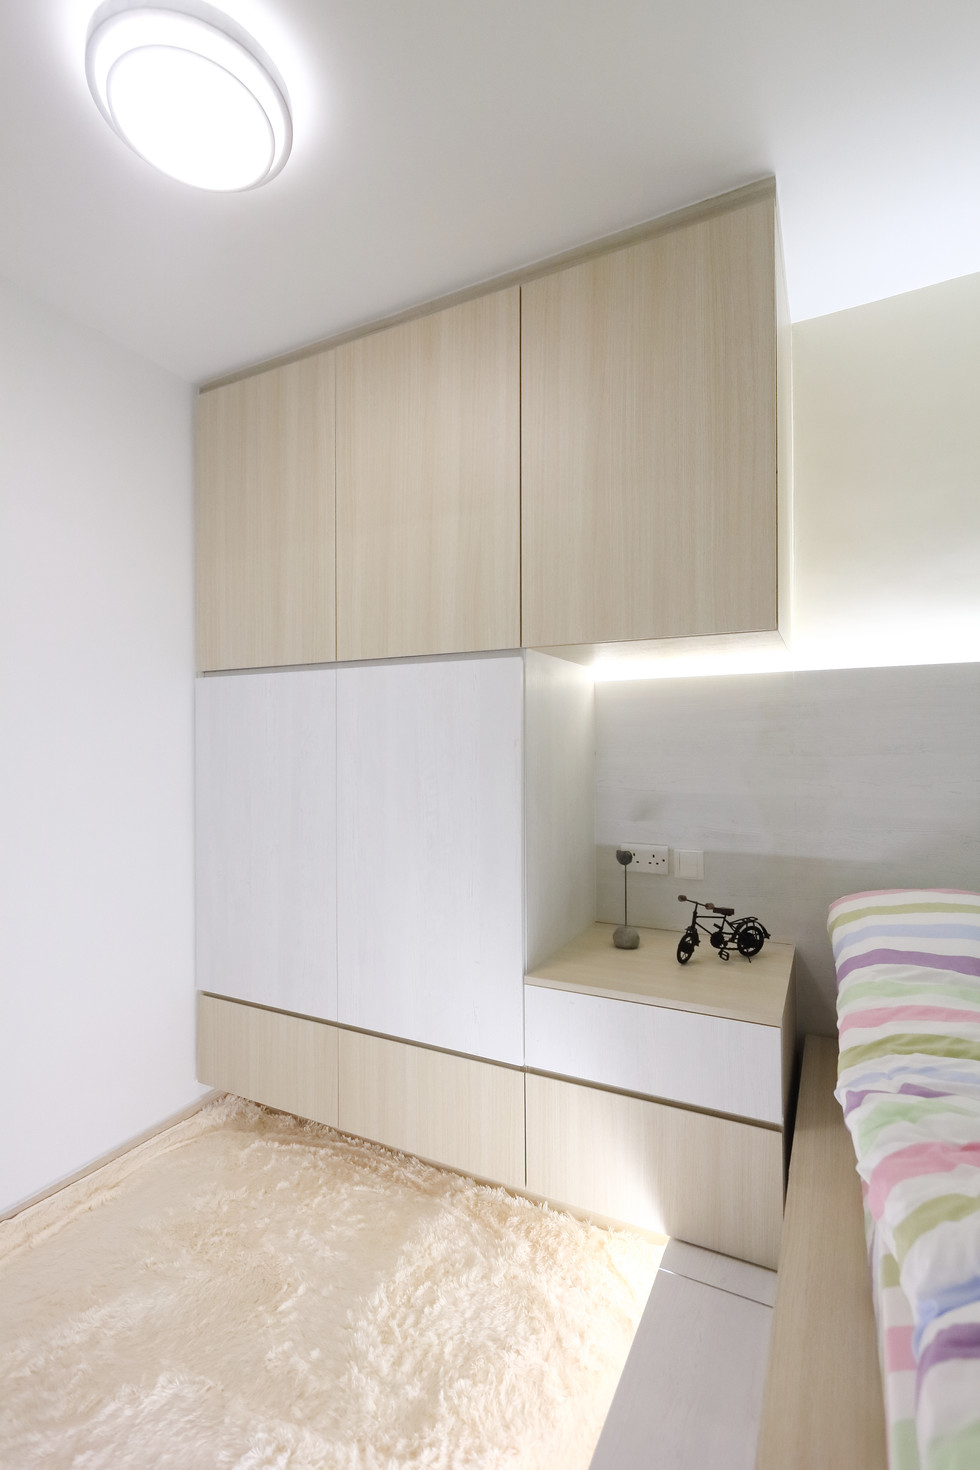 MNOP Design - Tai Po Village House